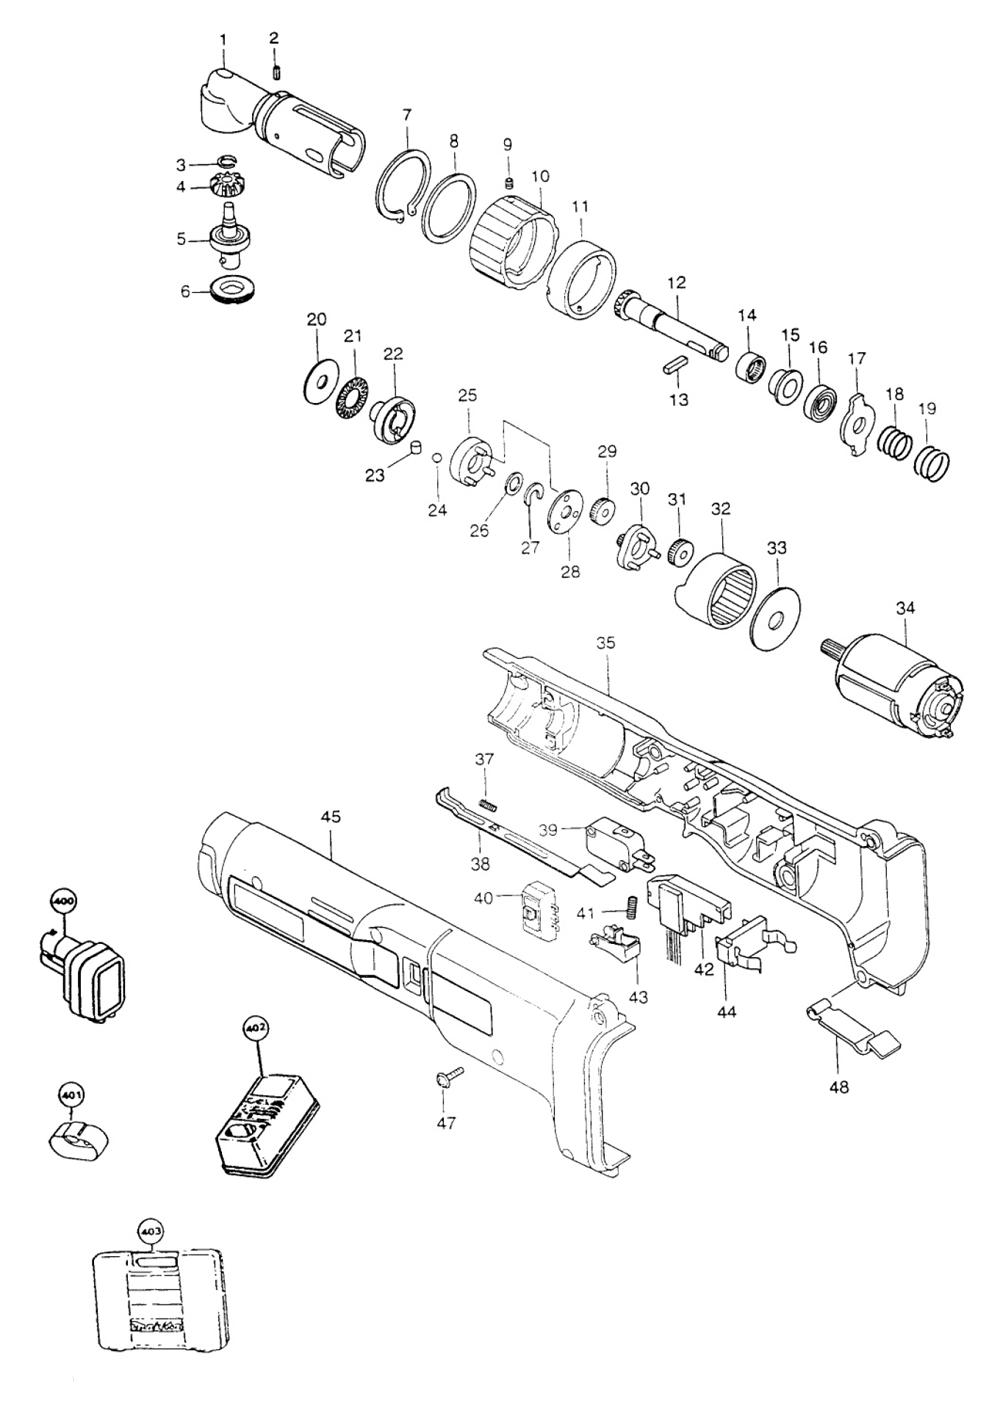 Parts | Makita 6706DW Cordless Impact Wrench & Driver Parts Diagram